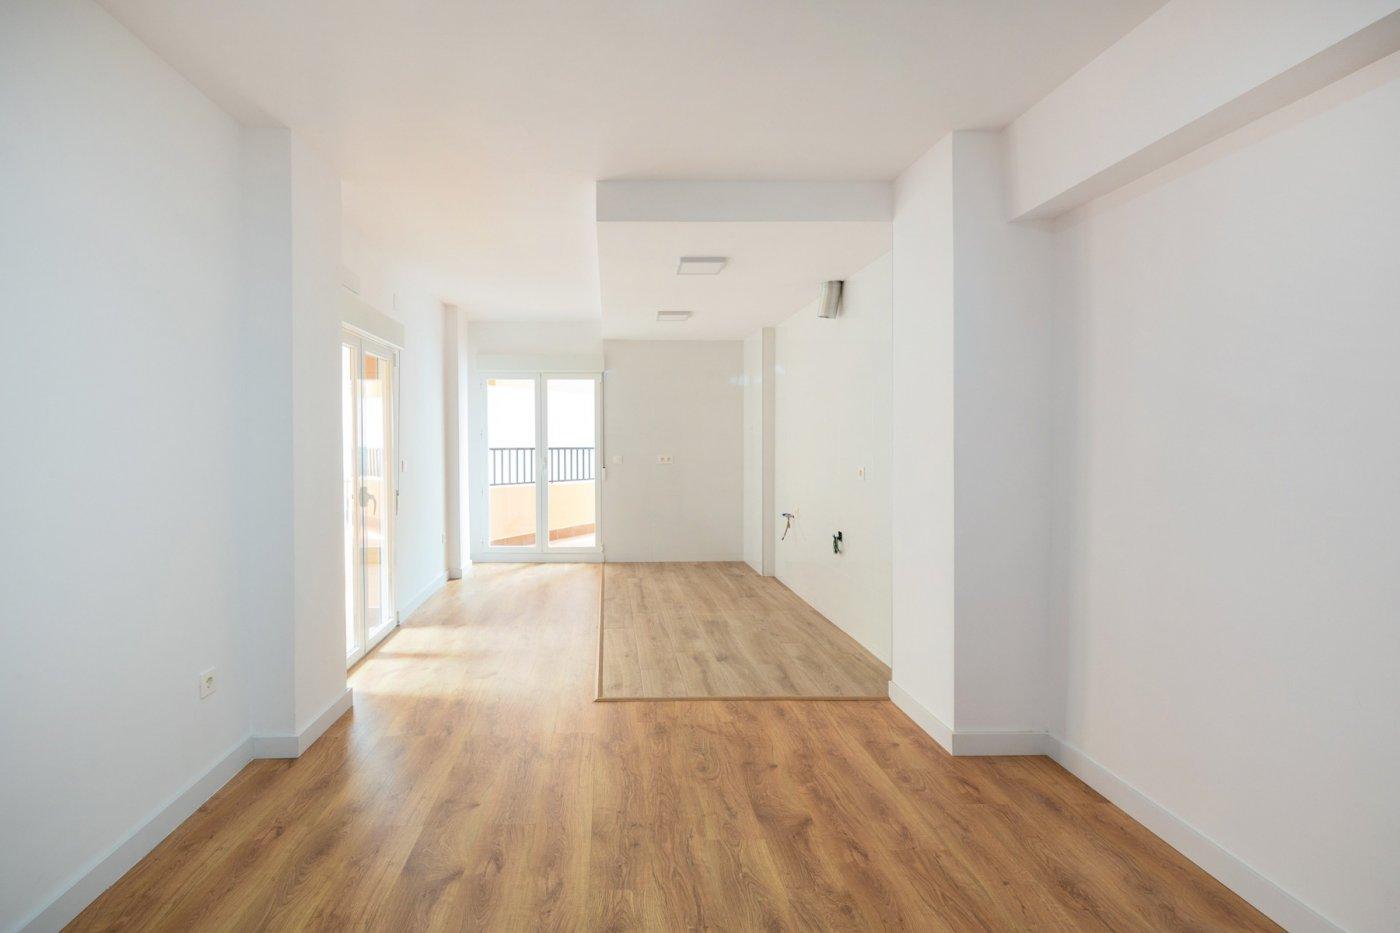 Avd américa, 3 dormitorios con terraza, totalmente reformado